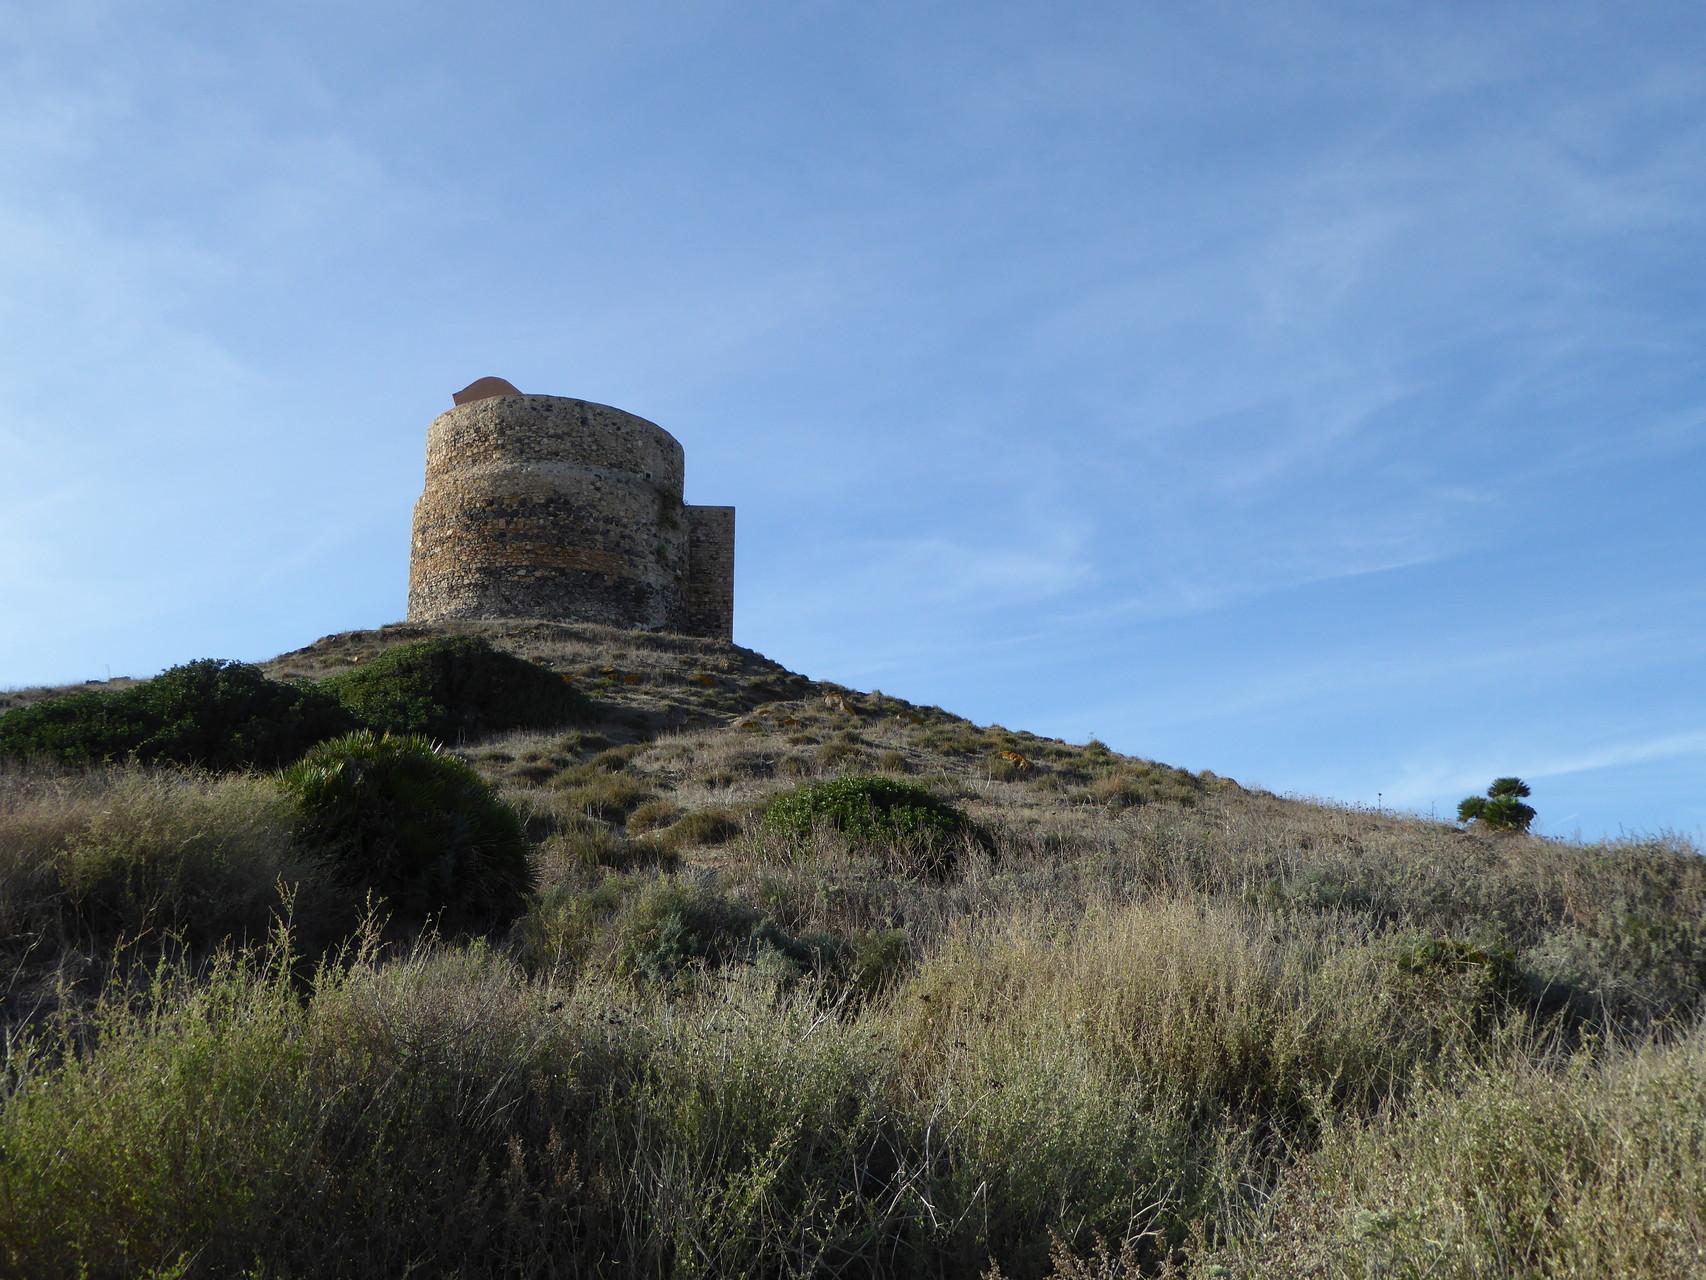 Der Aufstieg auf diesen Turm bei Tharros...